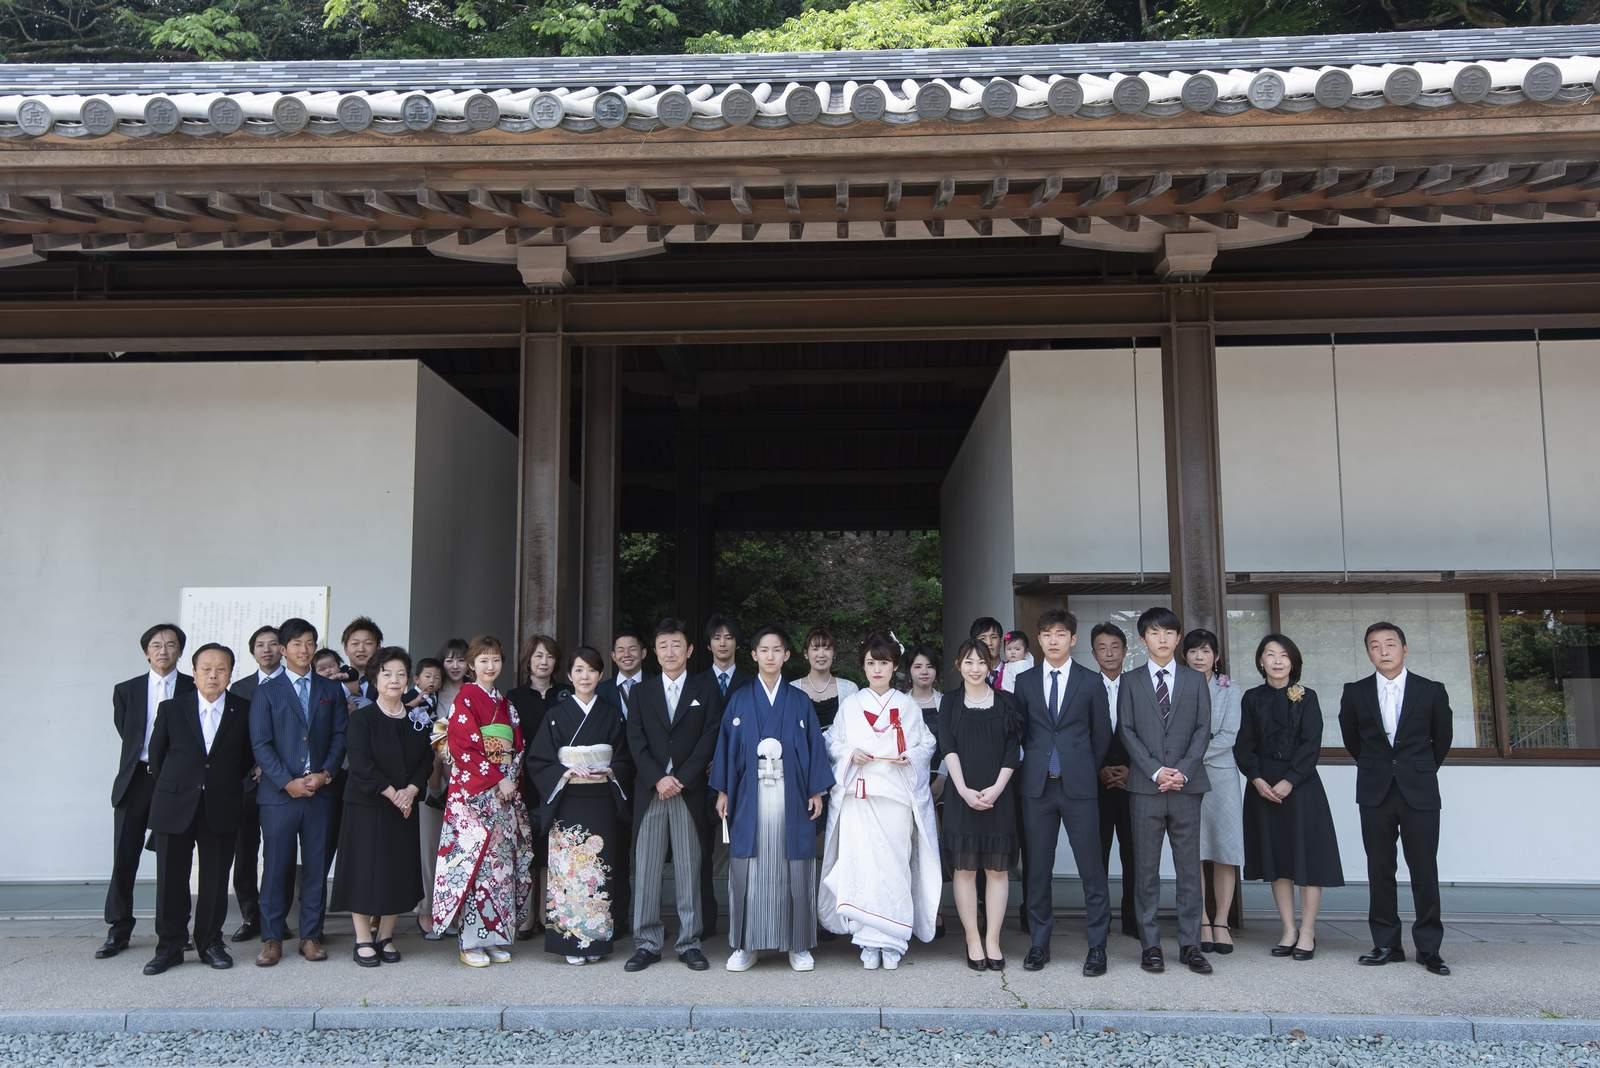 香川県の結婚式場シェルエメール&アイスタイル 金比羅式での集合写真